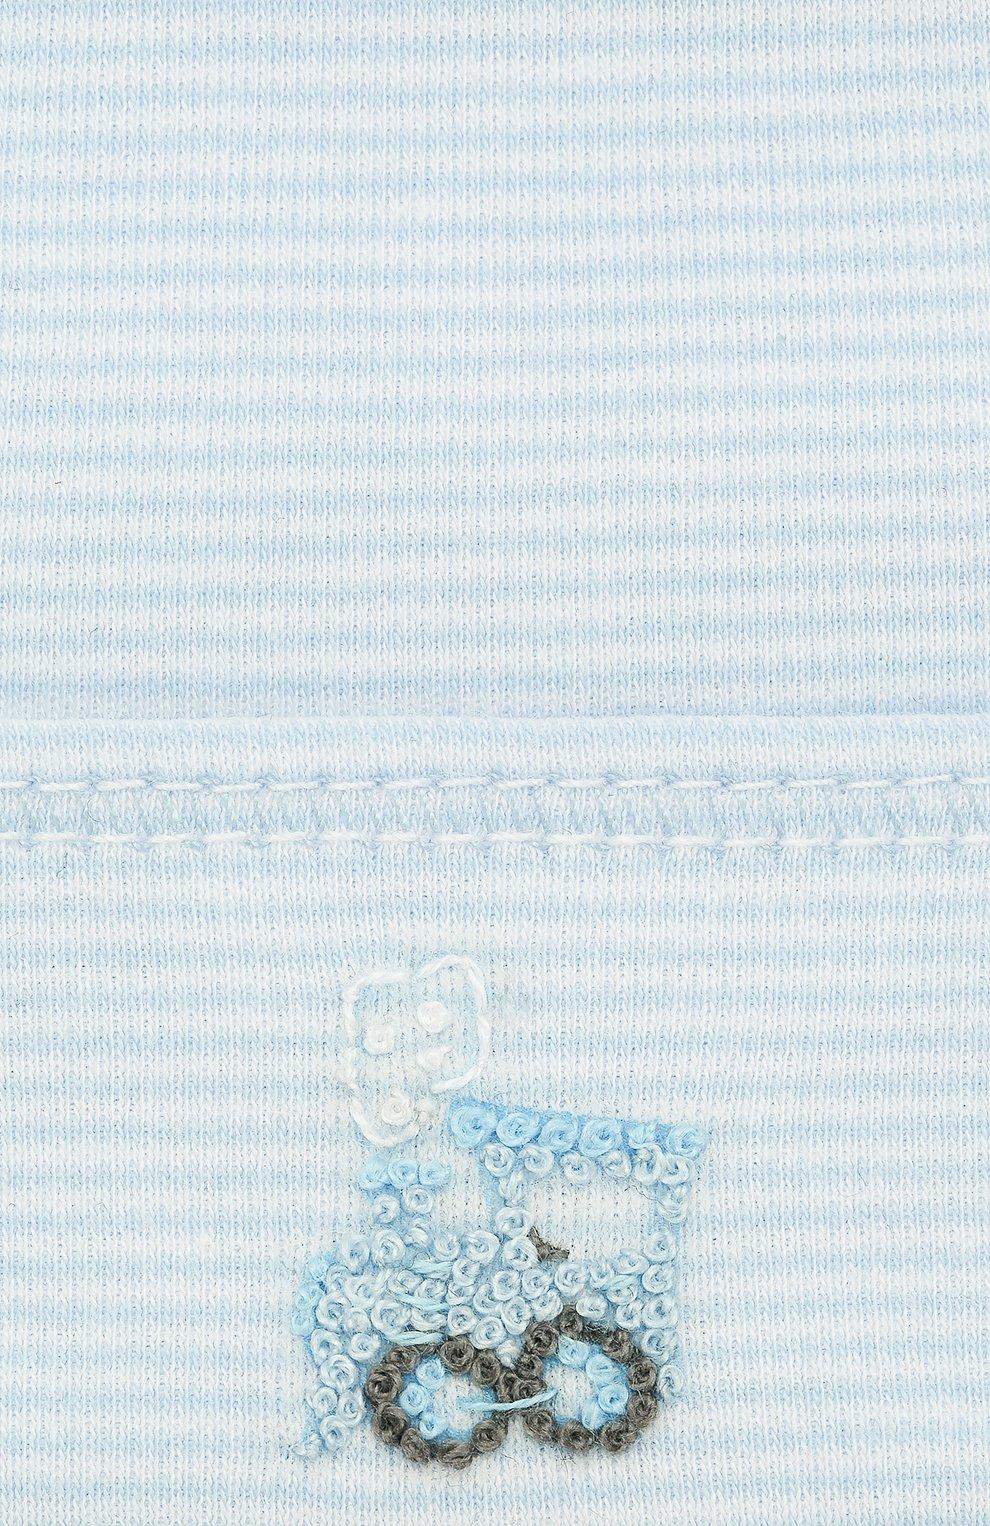 Детского шапка tiny choo choo MAGNOLIA BABY голубого цвета, арт. 569-50-LB | Фото 3 (Материал: Текстиль, Хлопок; Кросс-КТ НВ: Шапочки-аксессуары)